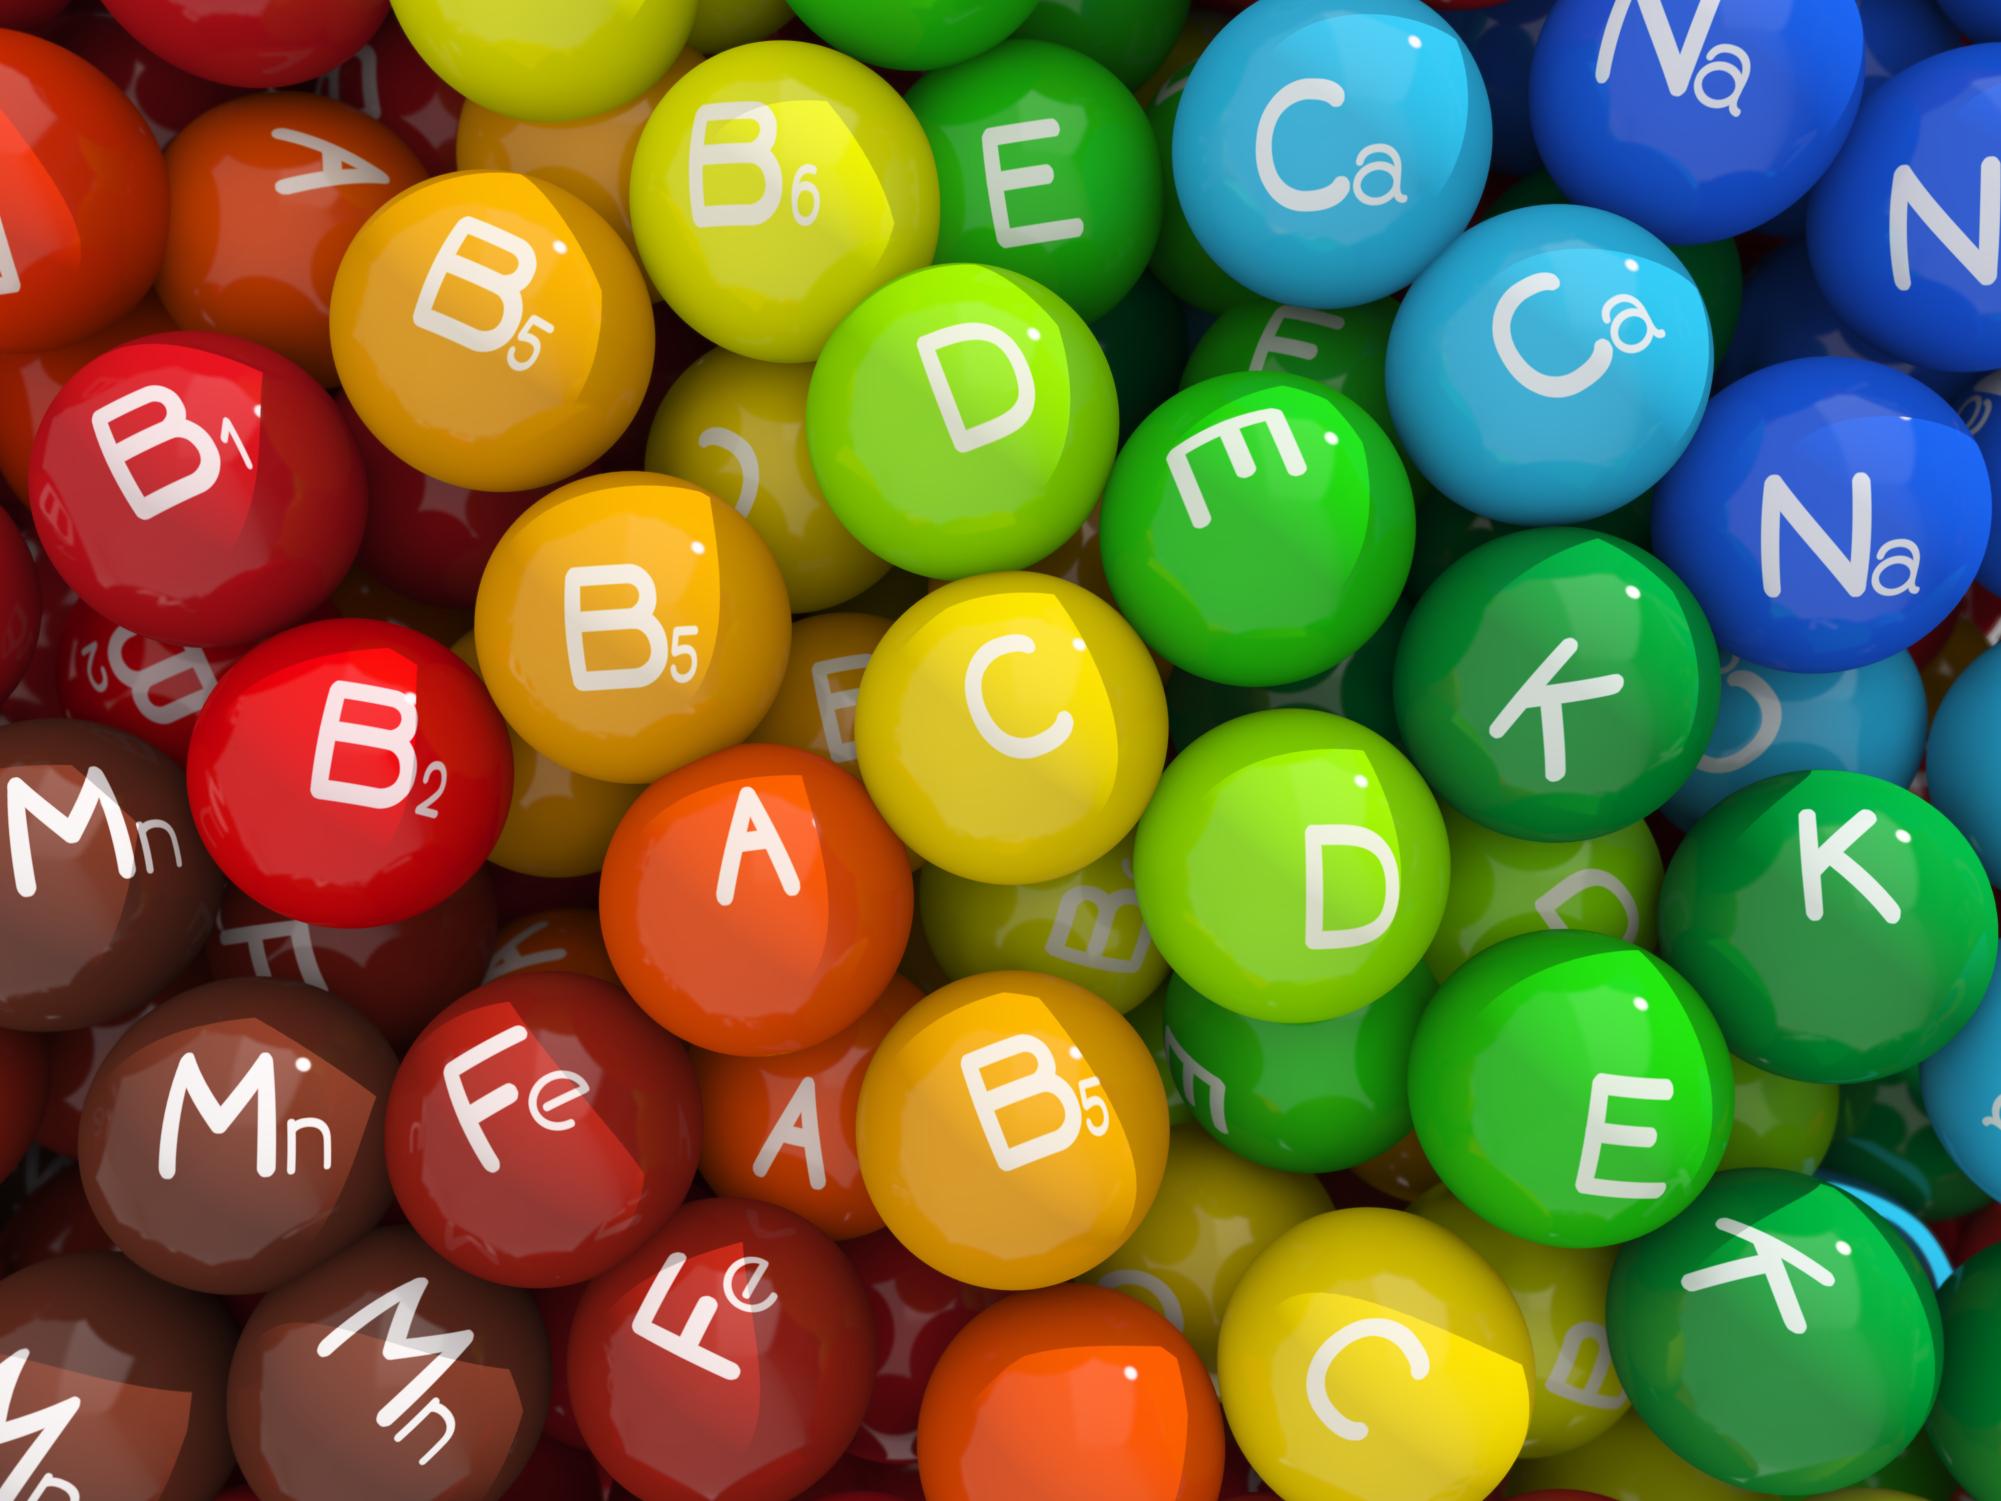 Рейтинг исключительно женских витаминов: какие выбрать в сегодняшнем разнообразии?